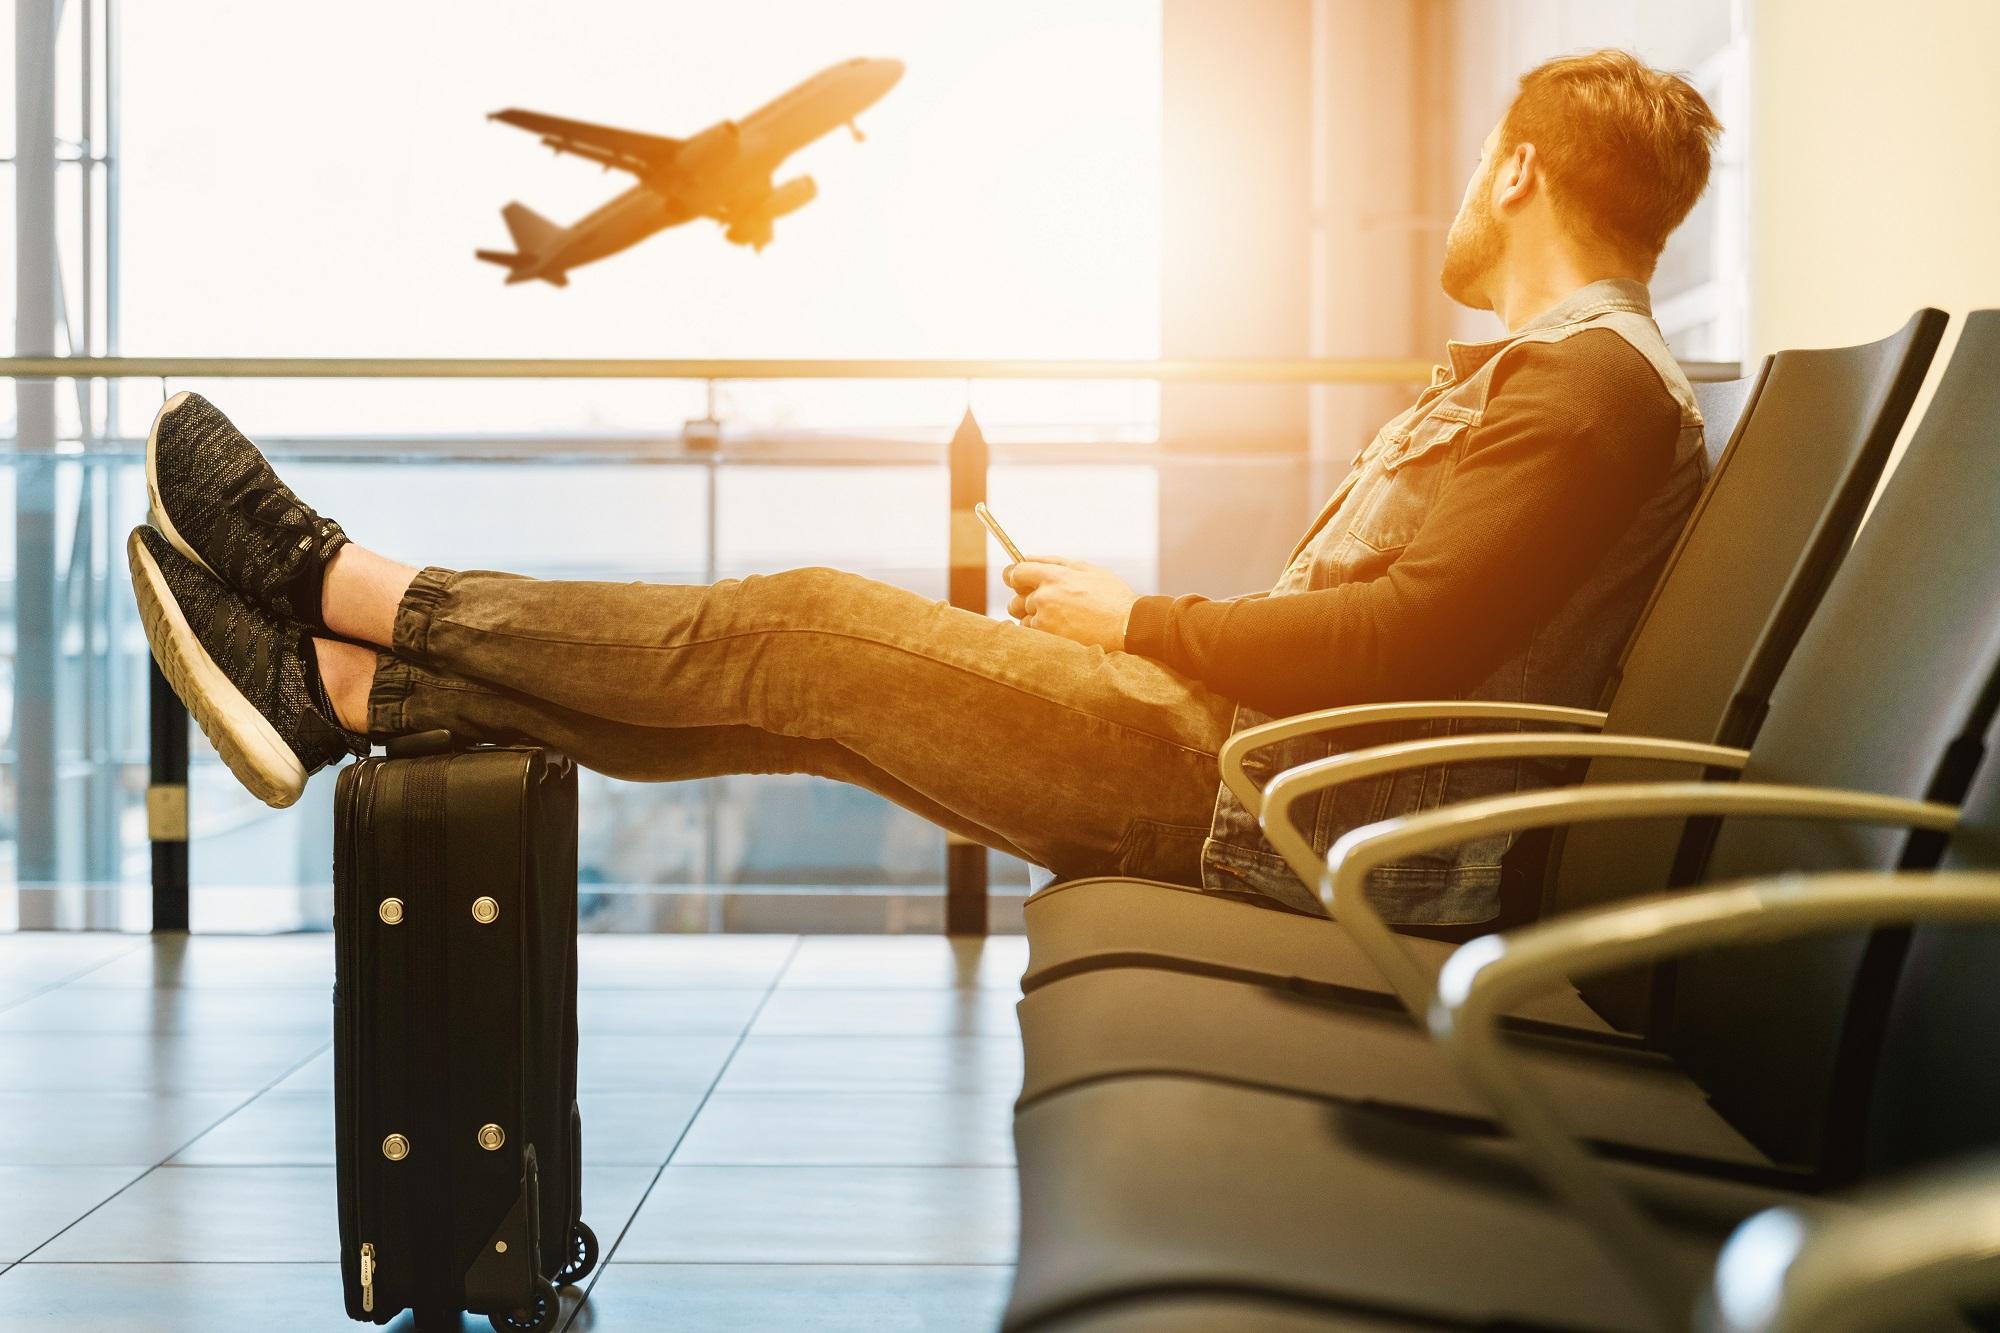 Geek Cat - Jaki biznes na lato - pomysły na wakacyjny biznes - podróż lotnisko